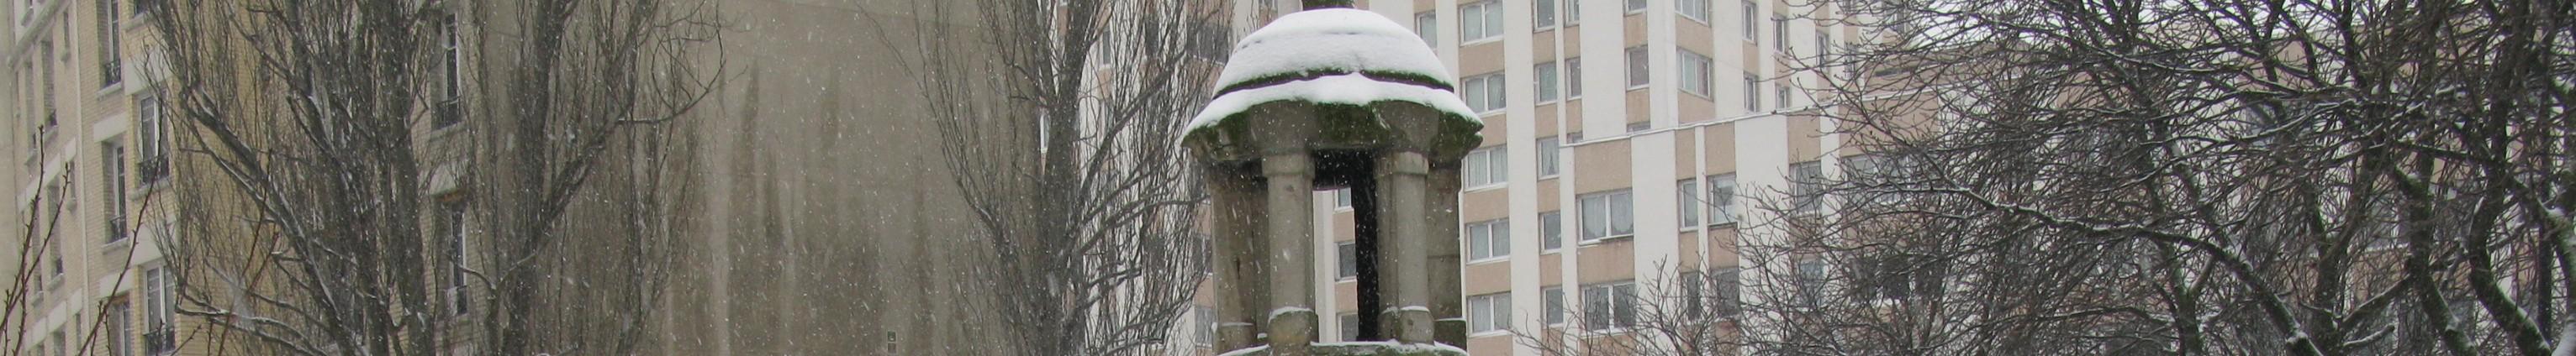 Le regard de la Lanterne est un regard, c'est-à-dire un ouvrage permettant l'accès à une canalisation. Le regard prend la forme d'un petit bâtiment en pierres, de forme cylindrique, couvert par une coupole. Il est surmonté par un lanternon, lui-même en pierre. À l'intérieur, on descend à un bassin où arrivent les eaux drainées au sommet de la colline de Belleville par un double escalier